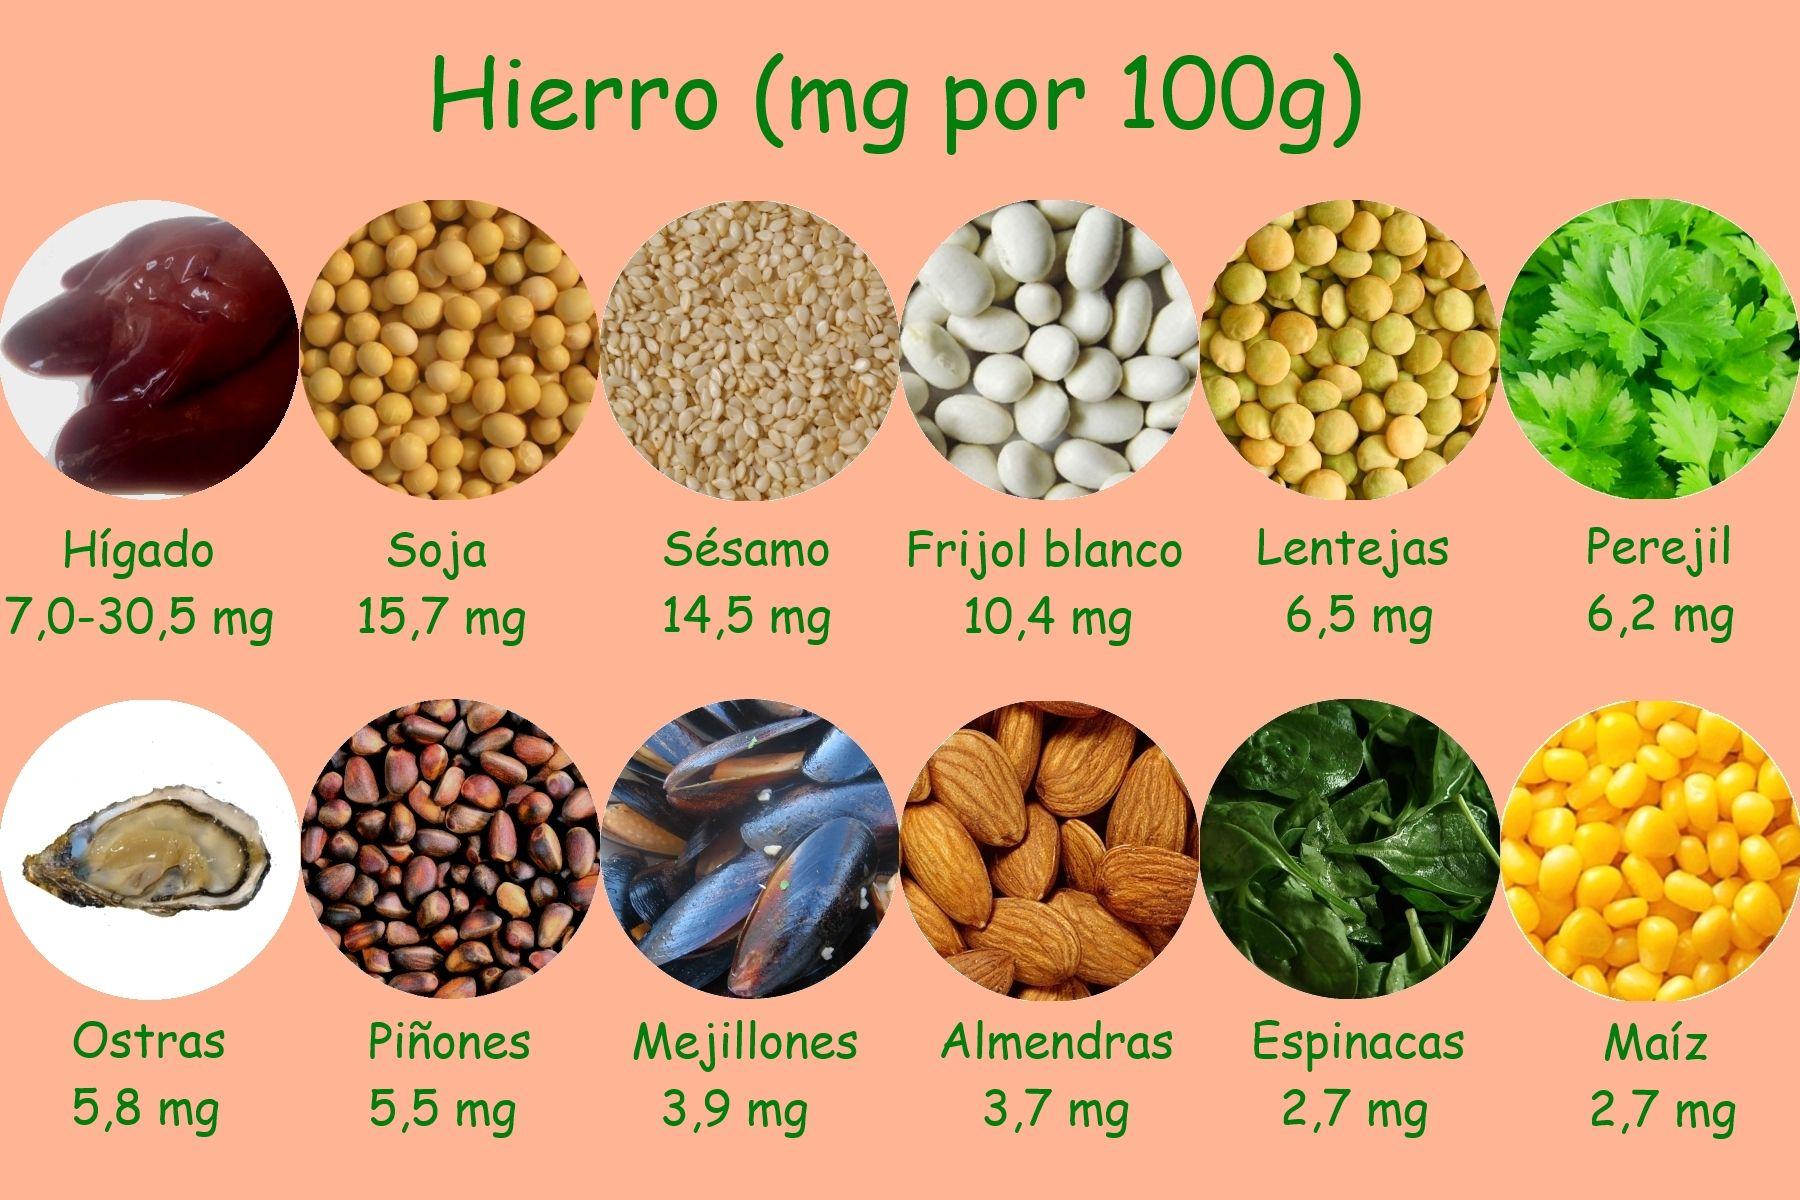 alimentos ricos en hierro 2